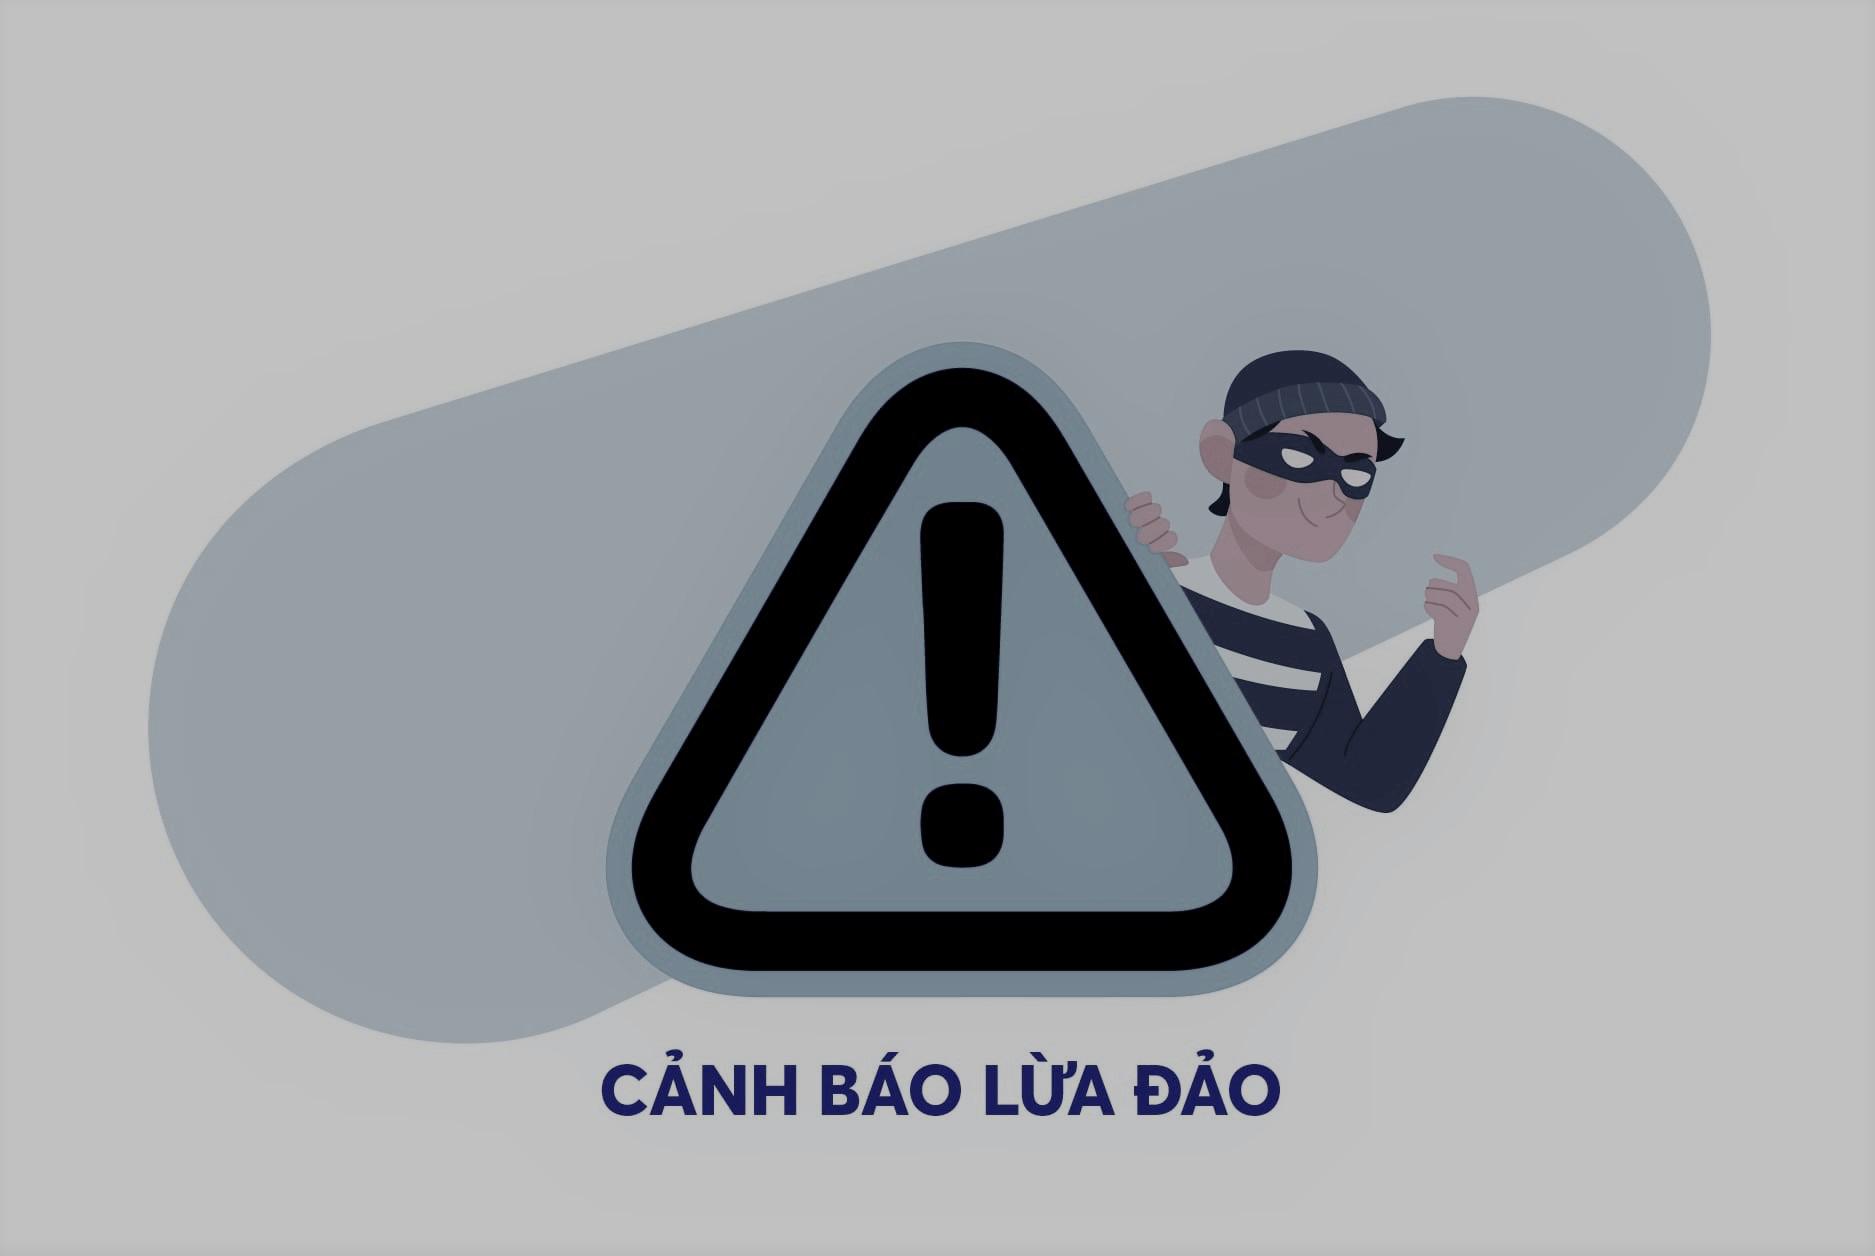 [Cảnh báo] Thận trọng với các app cho vay nặng lãi